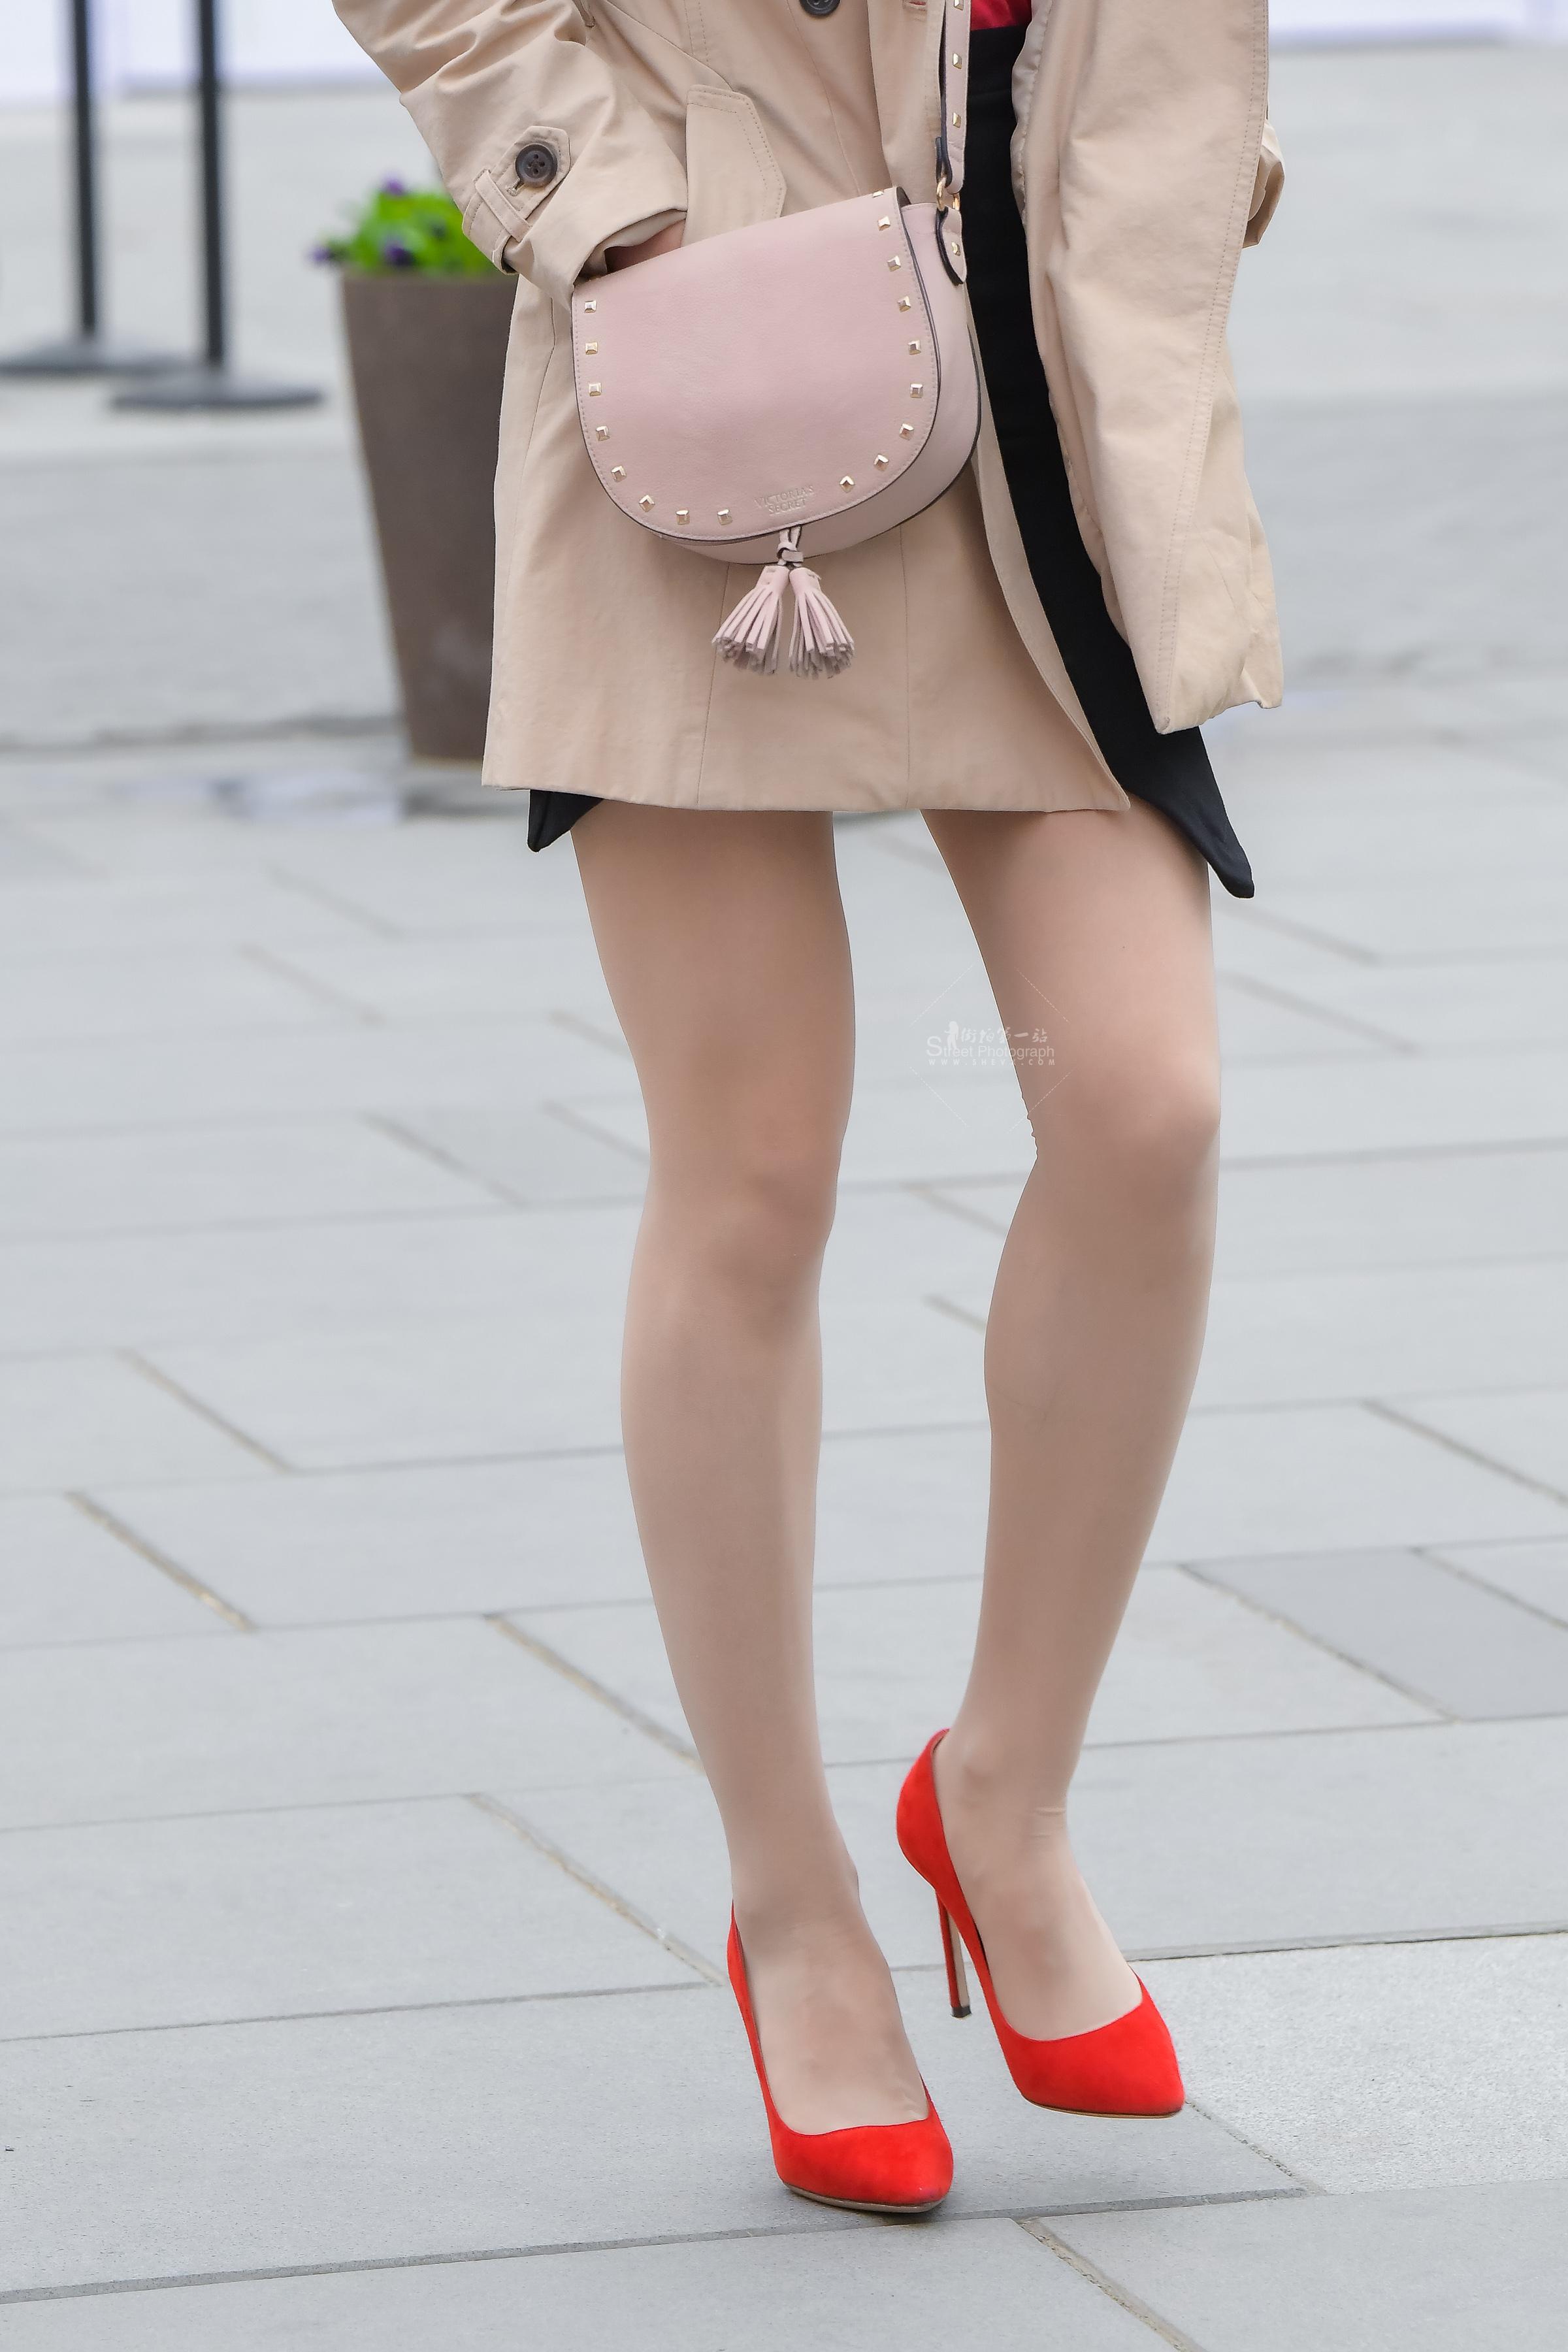 紅高玉腿風衣女子-街拍絲襪第一站